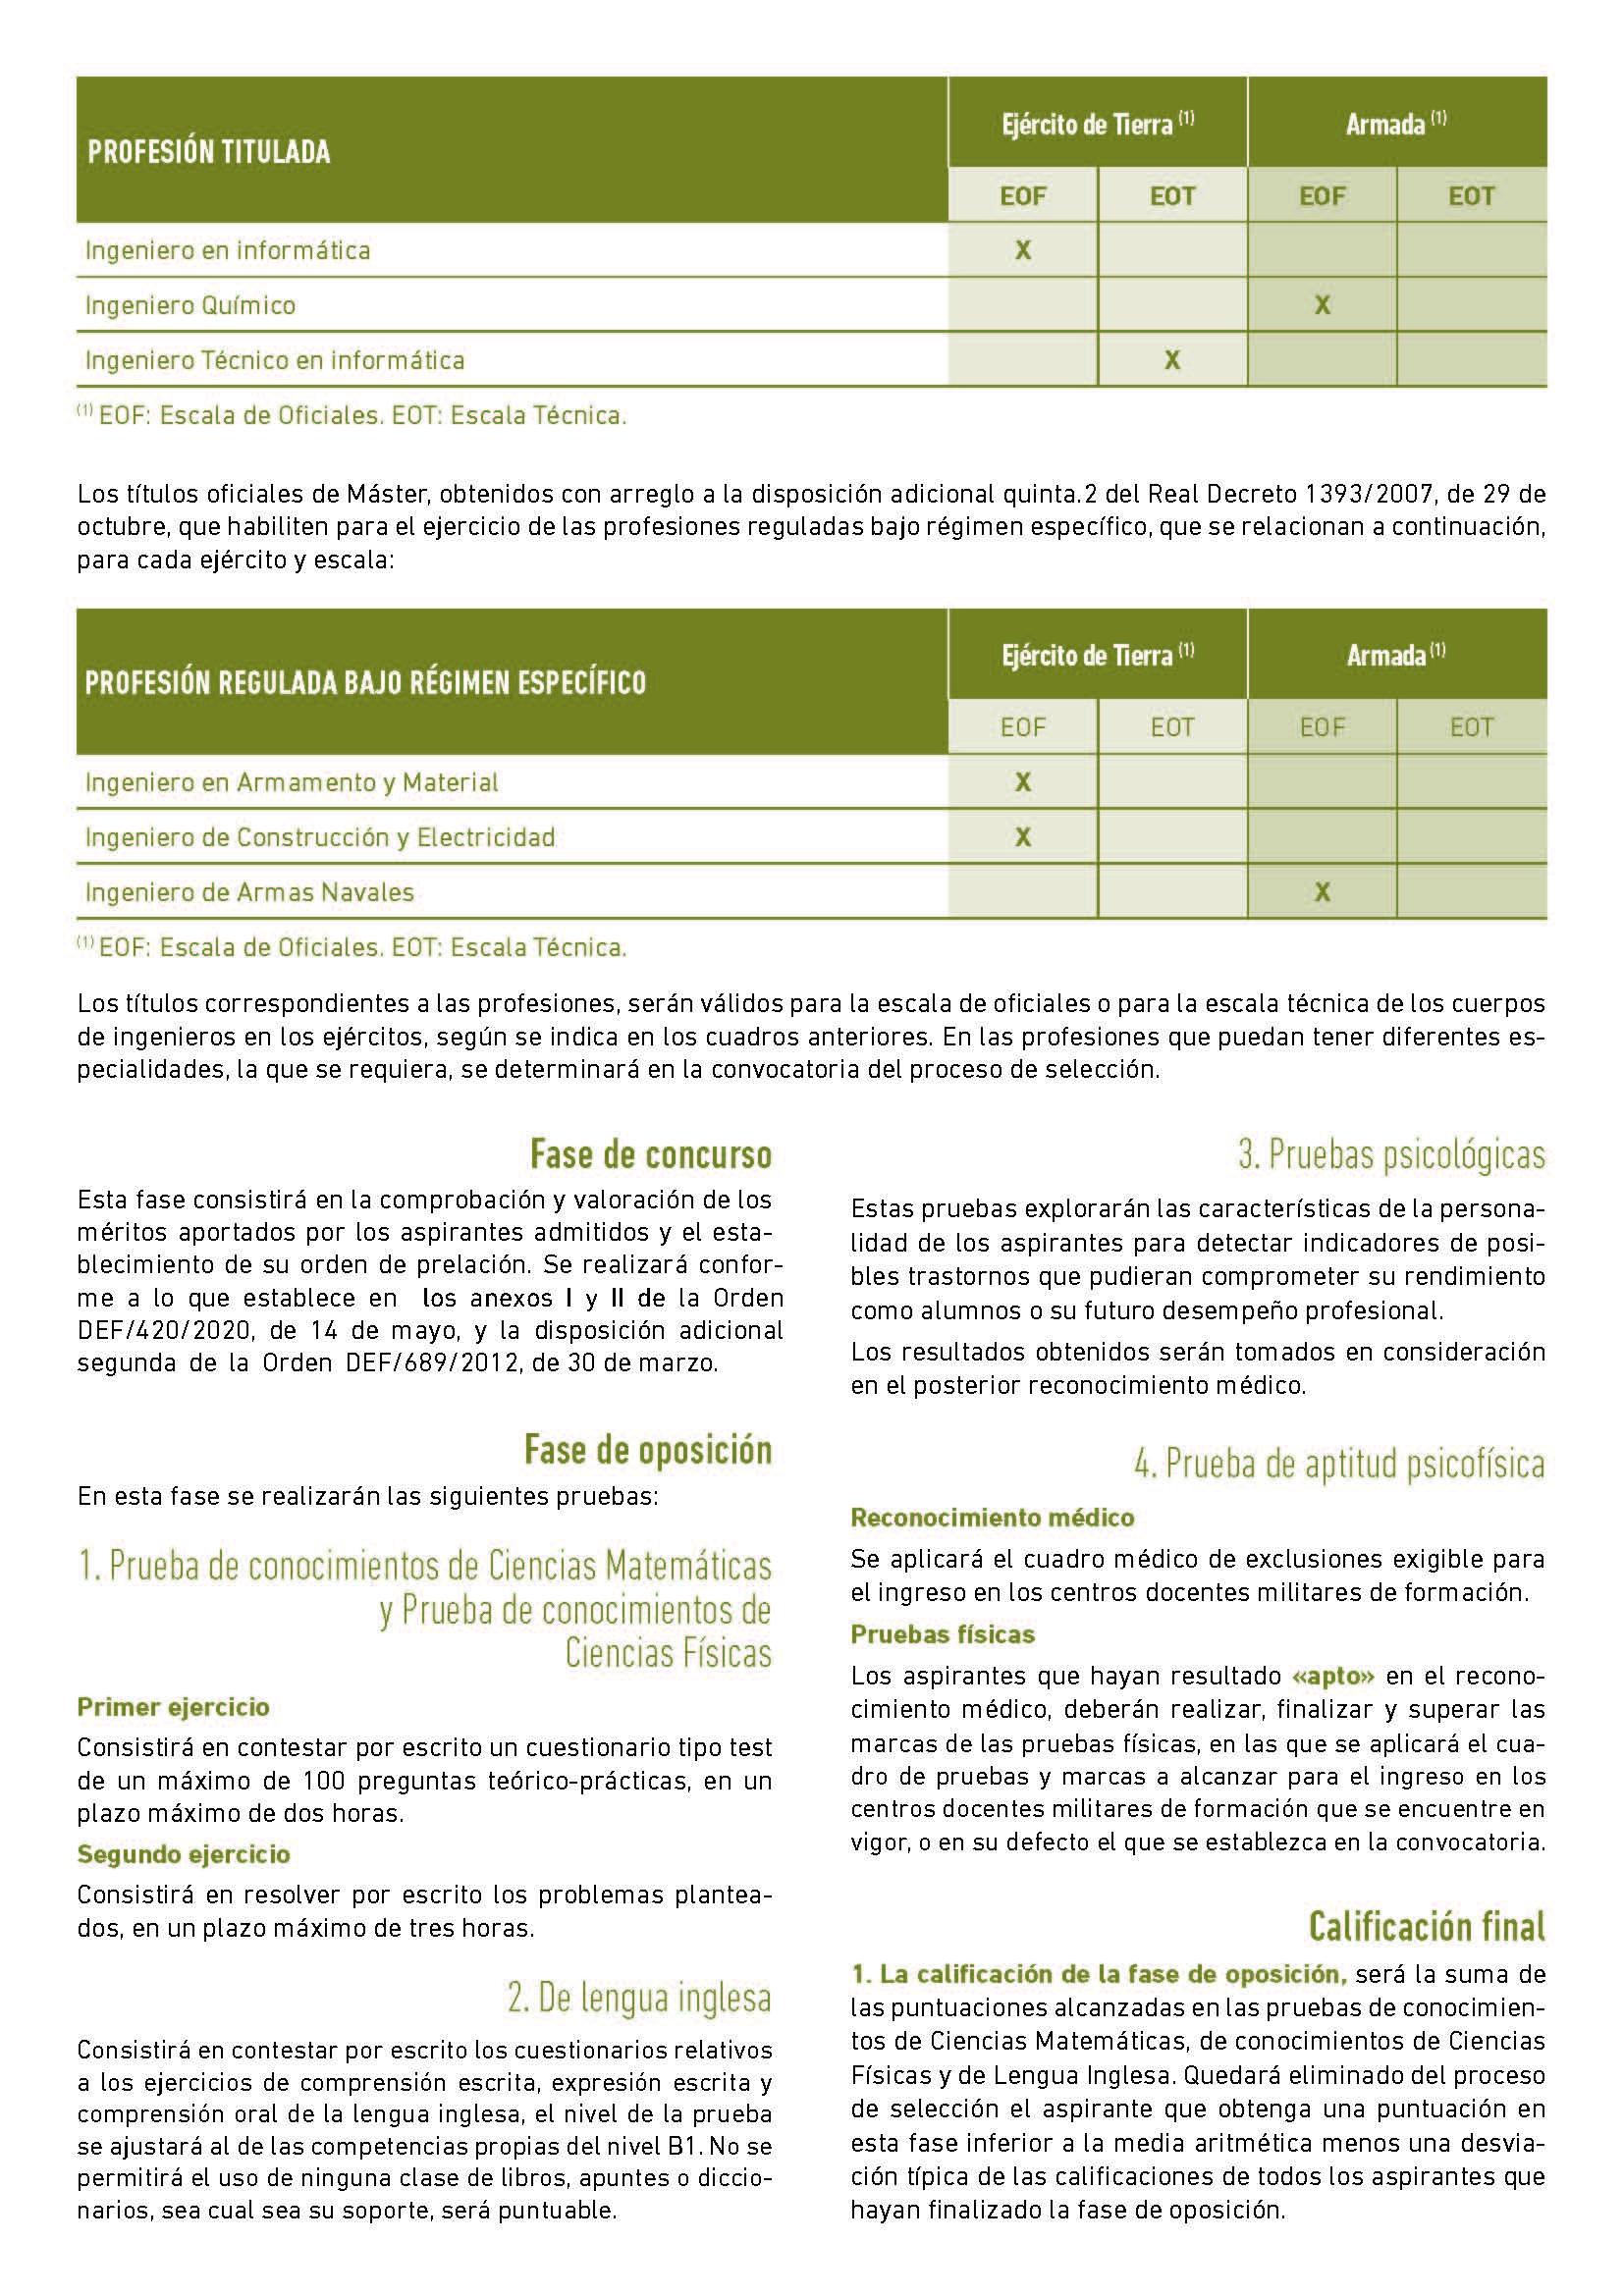 CUERPO-DE-INGENIEROS_maio_Página_3